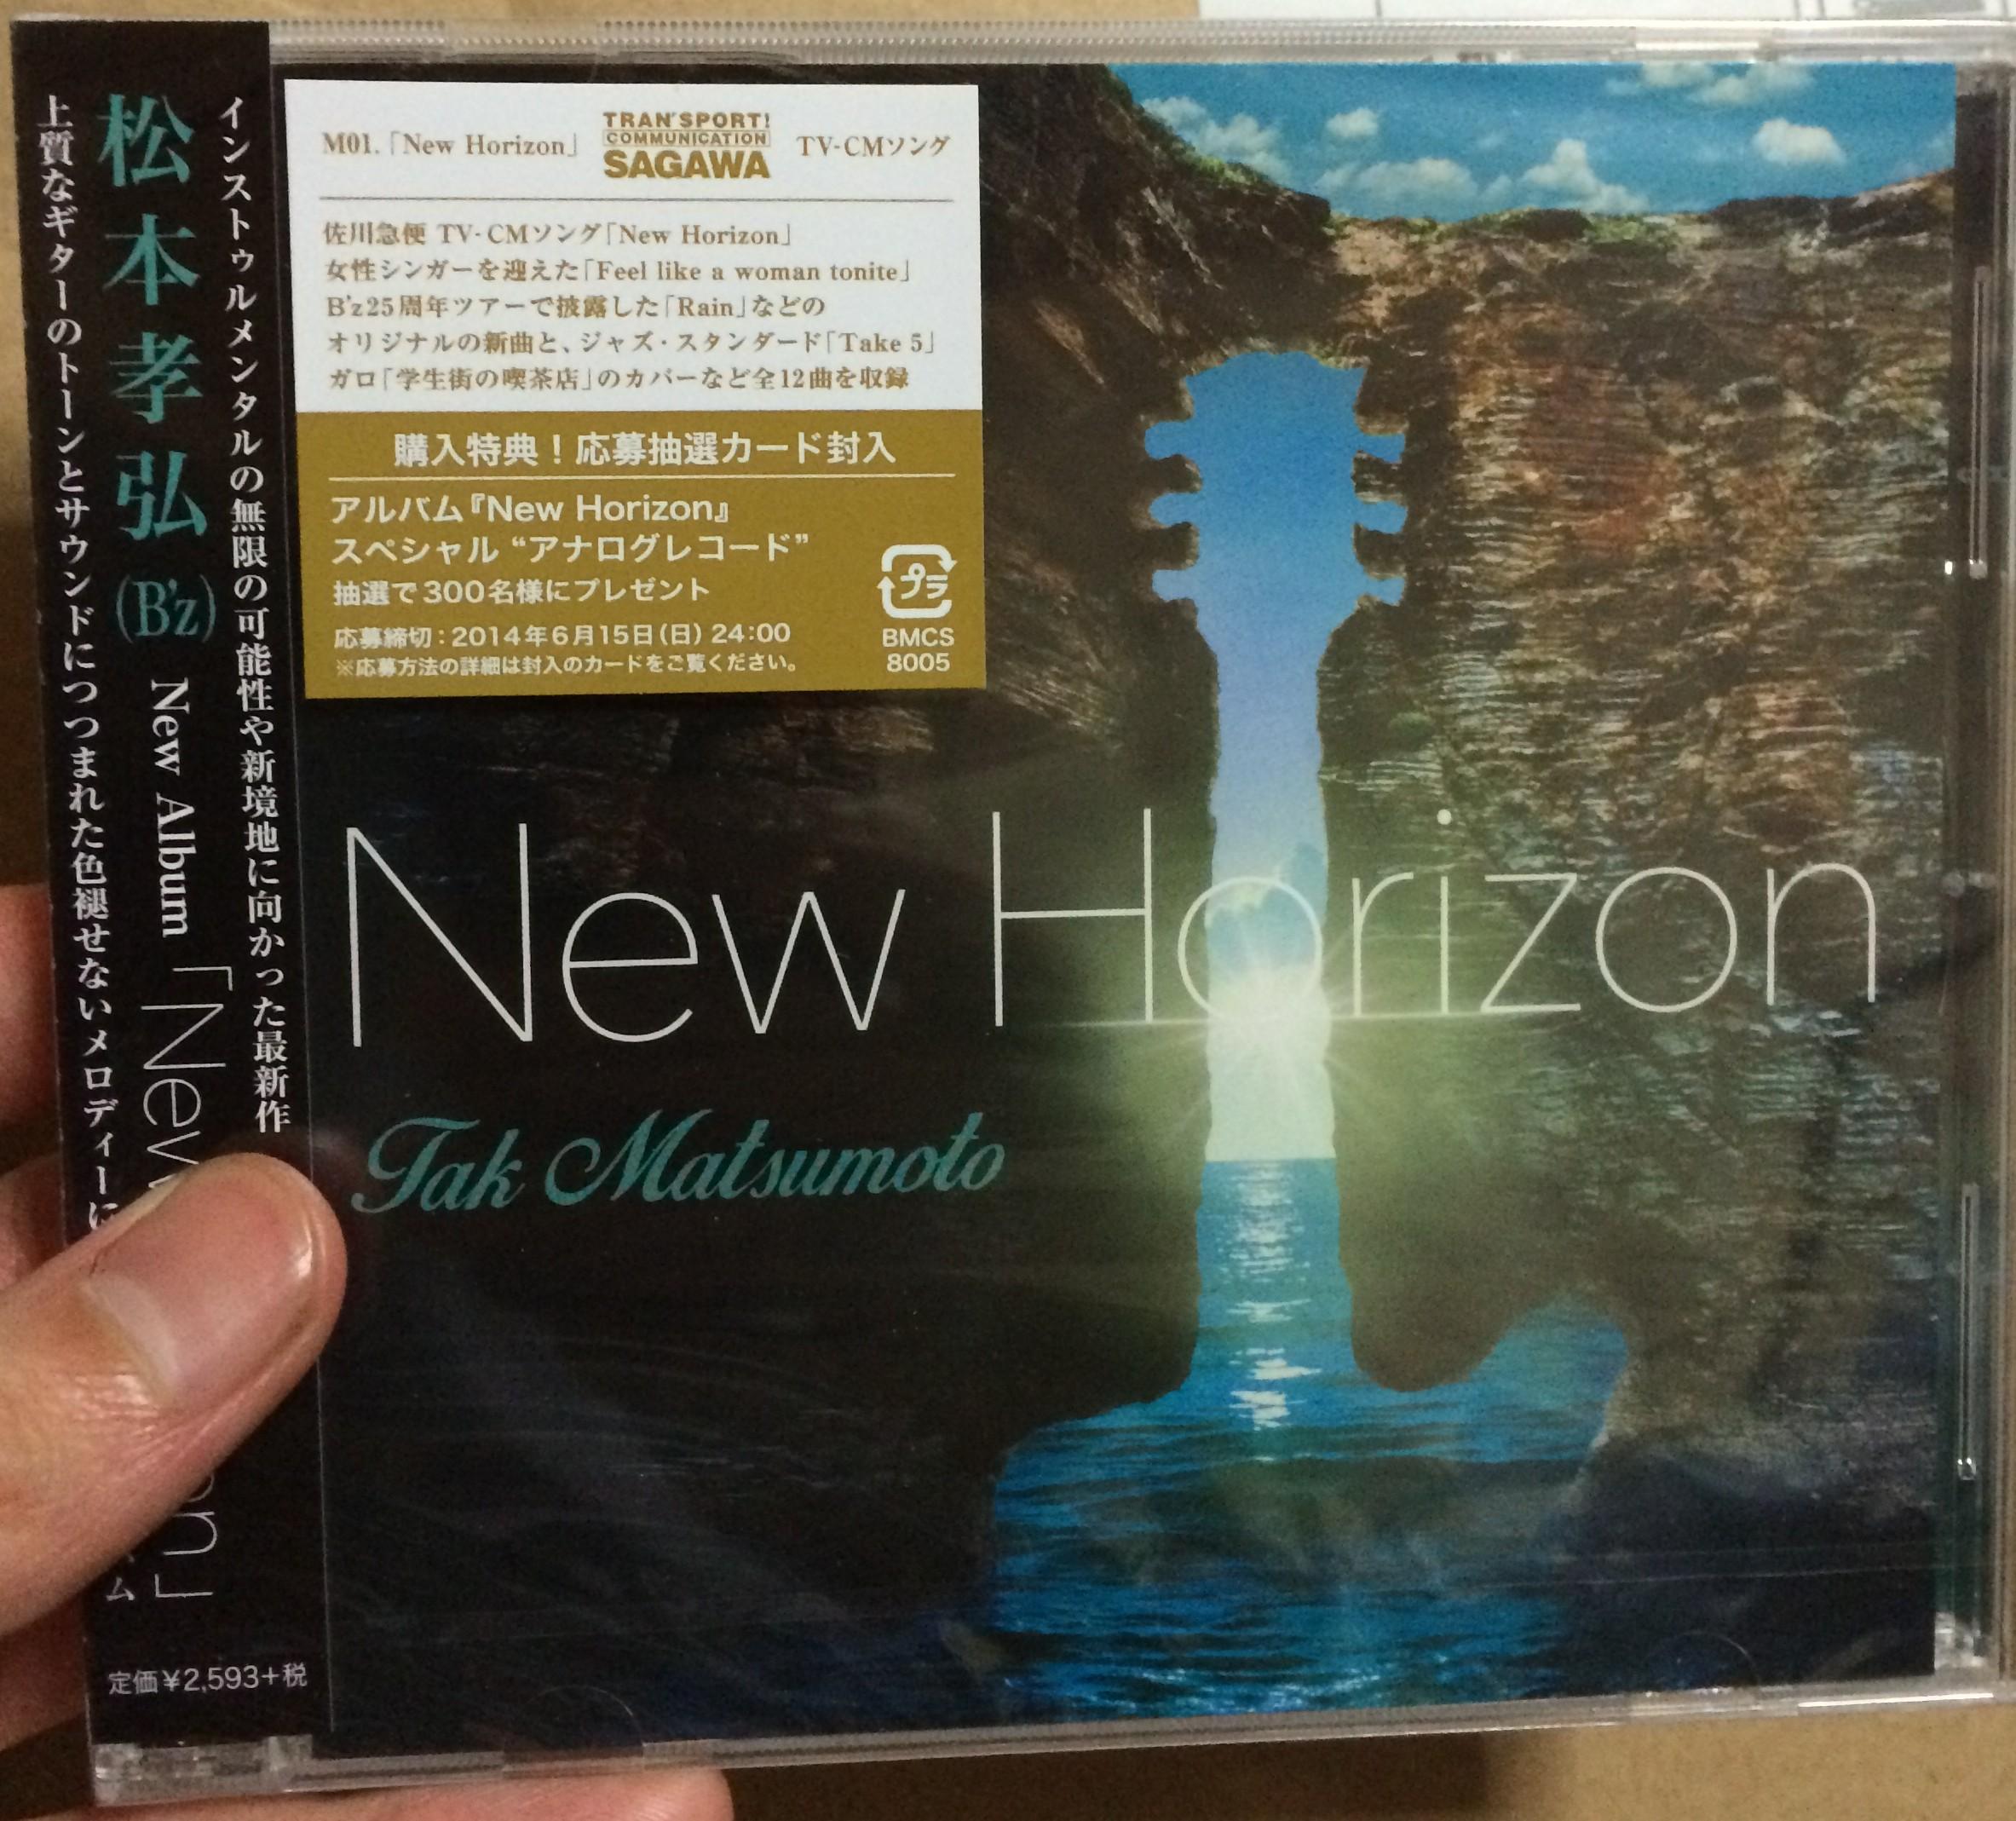 Tak Matsumoto 「 New Horizon」を聴く前に!!無料でインタビュー記事を見よう!!